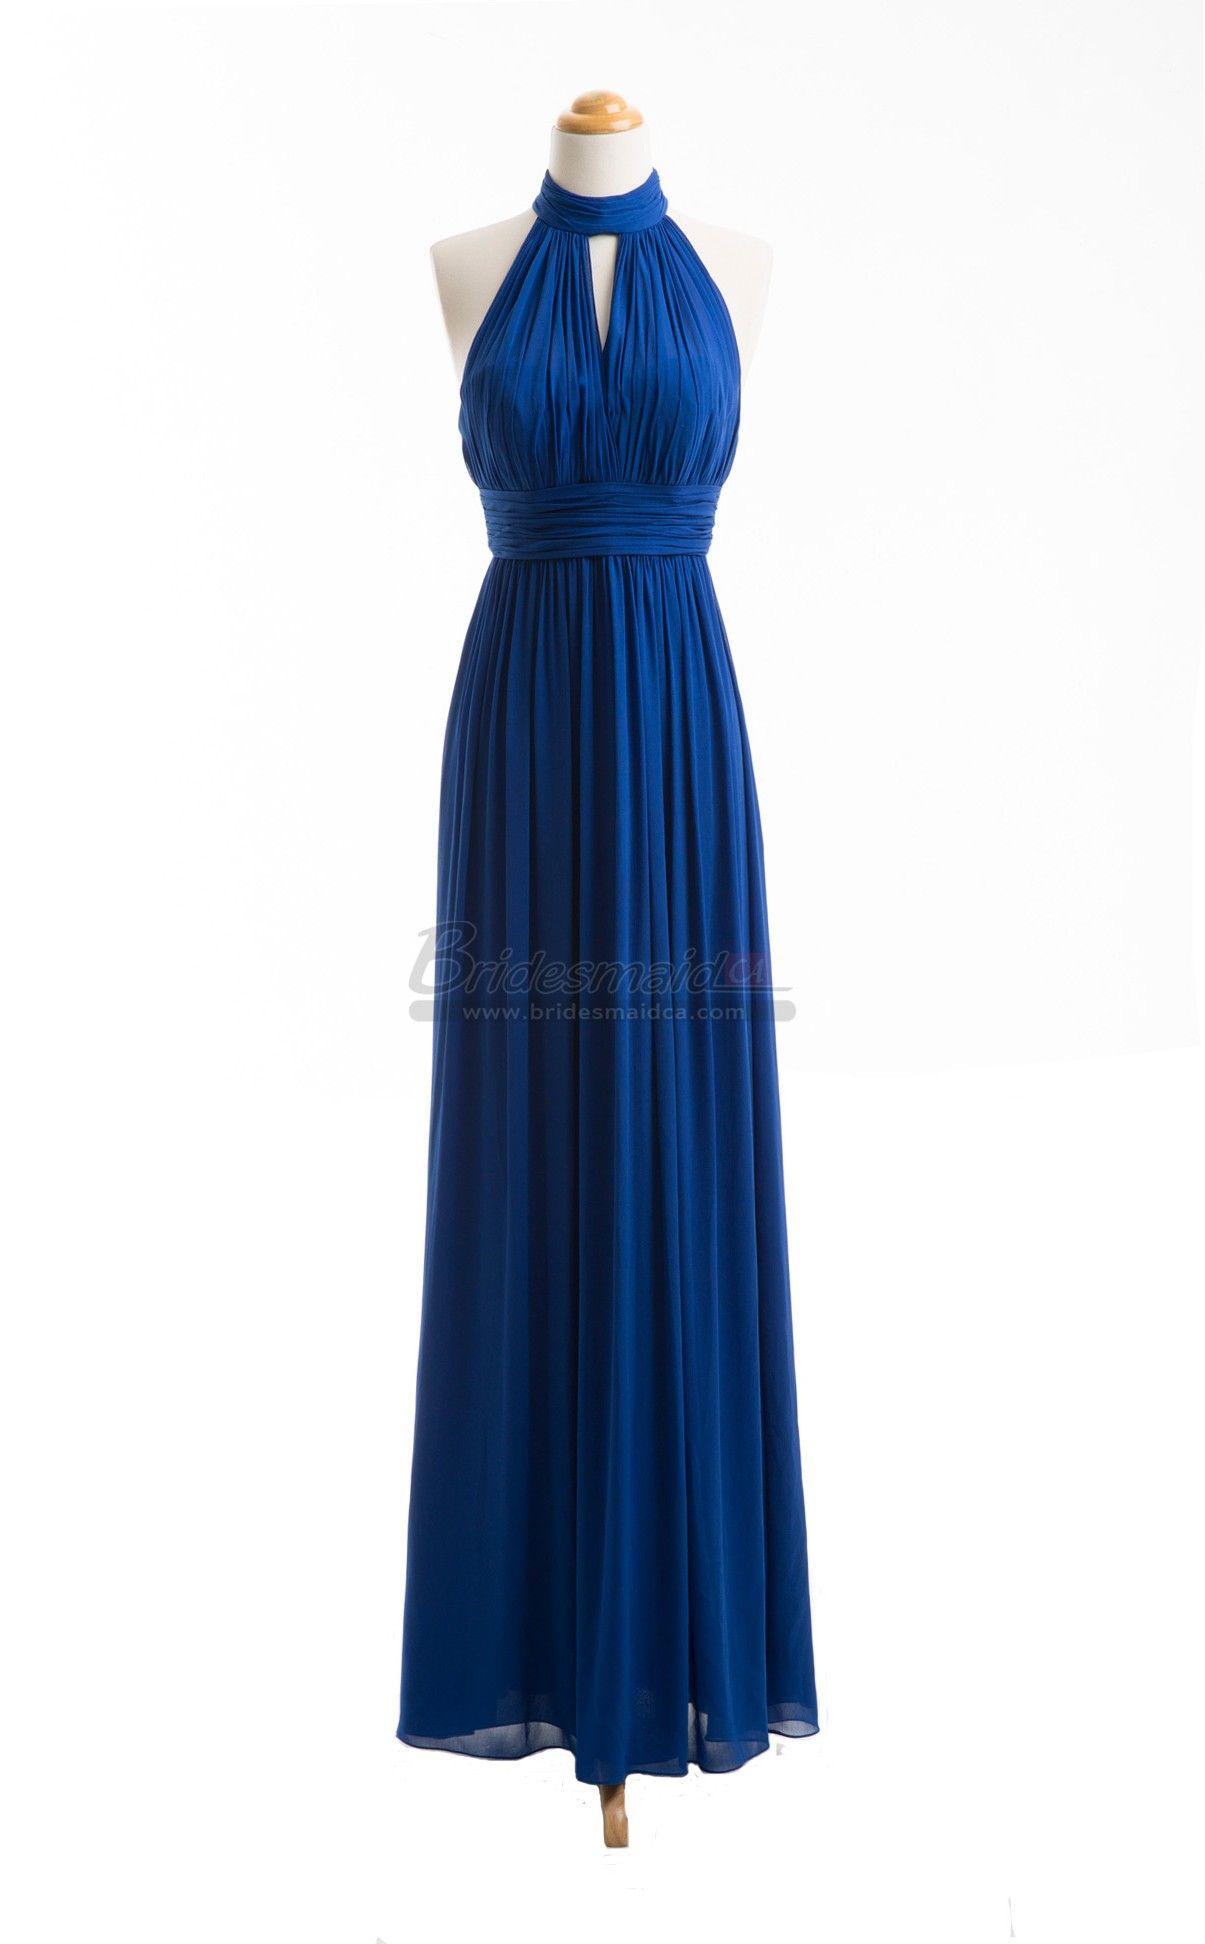 Bridesmaid long royal blue chiffon halter bridesmaid dress bdsca